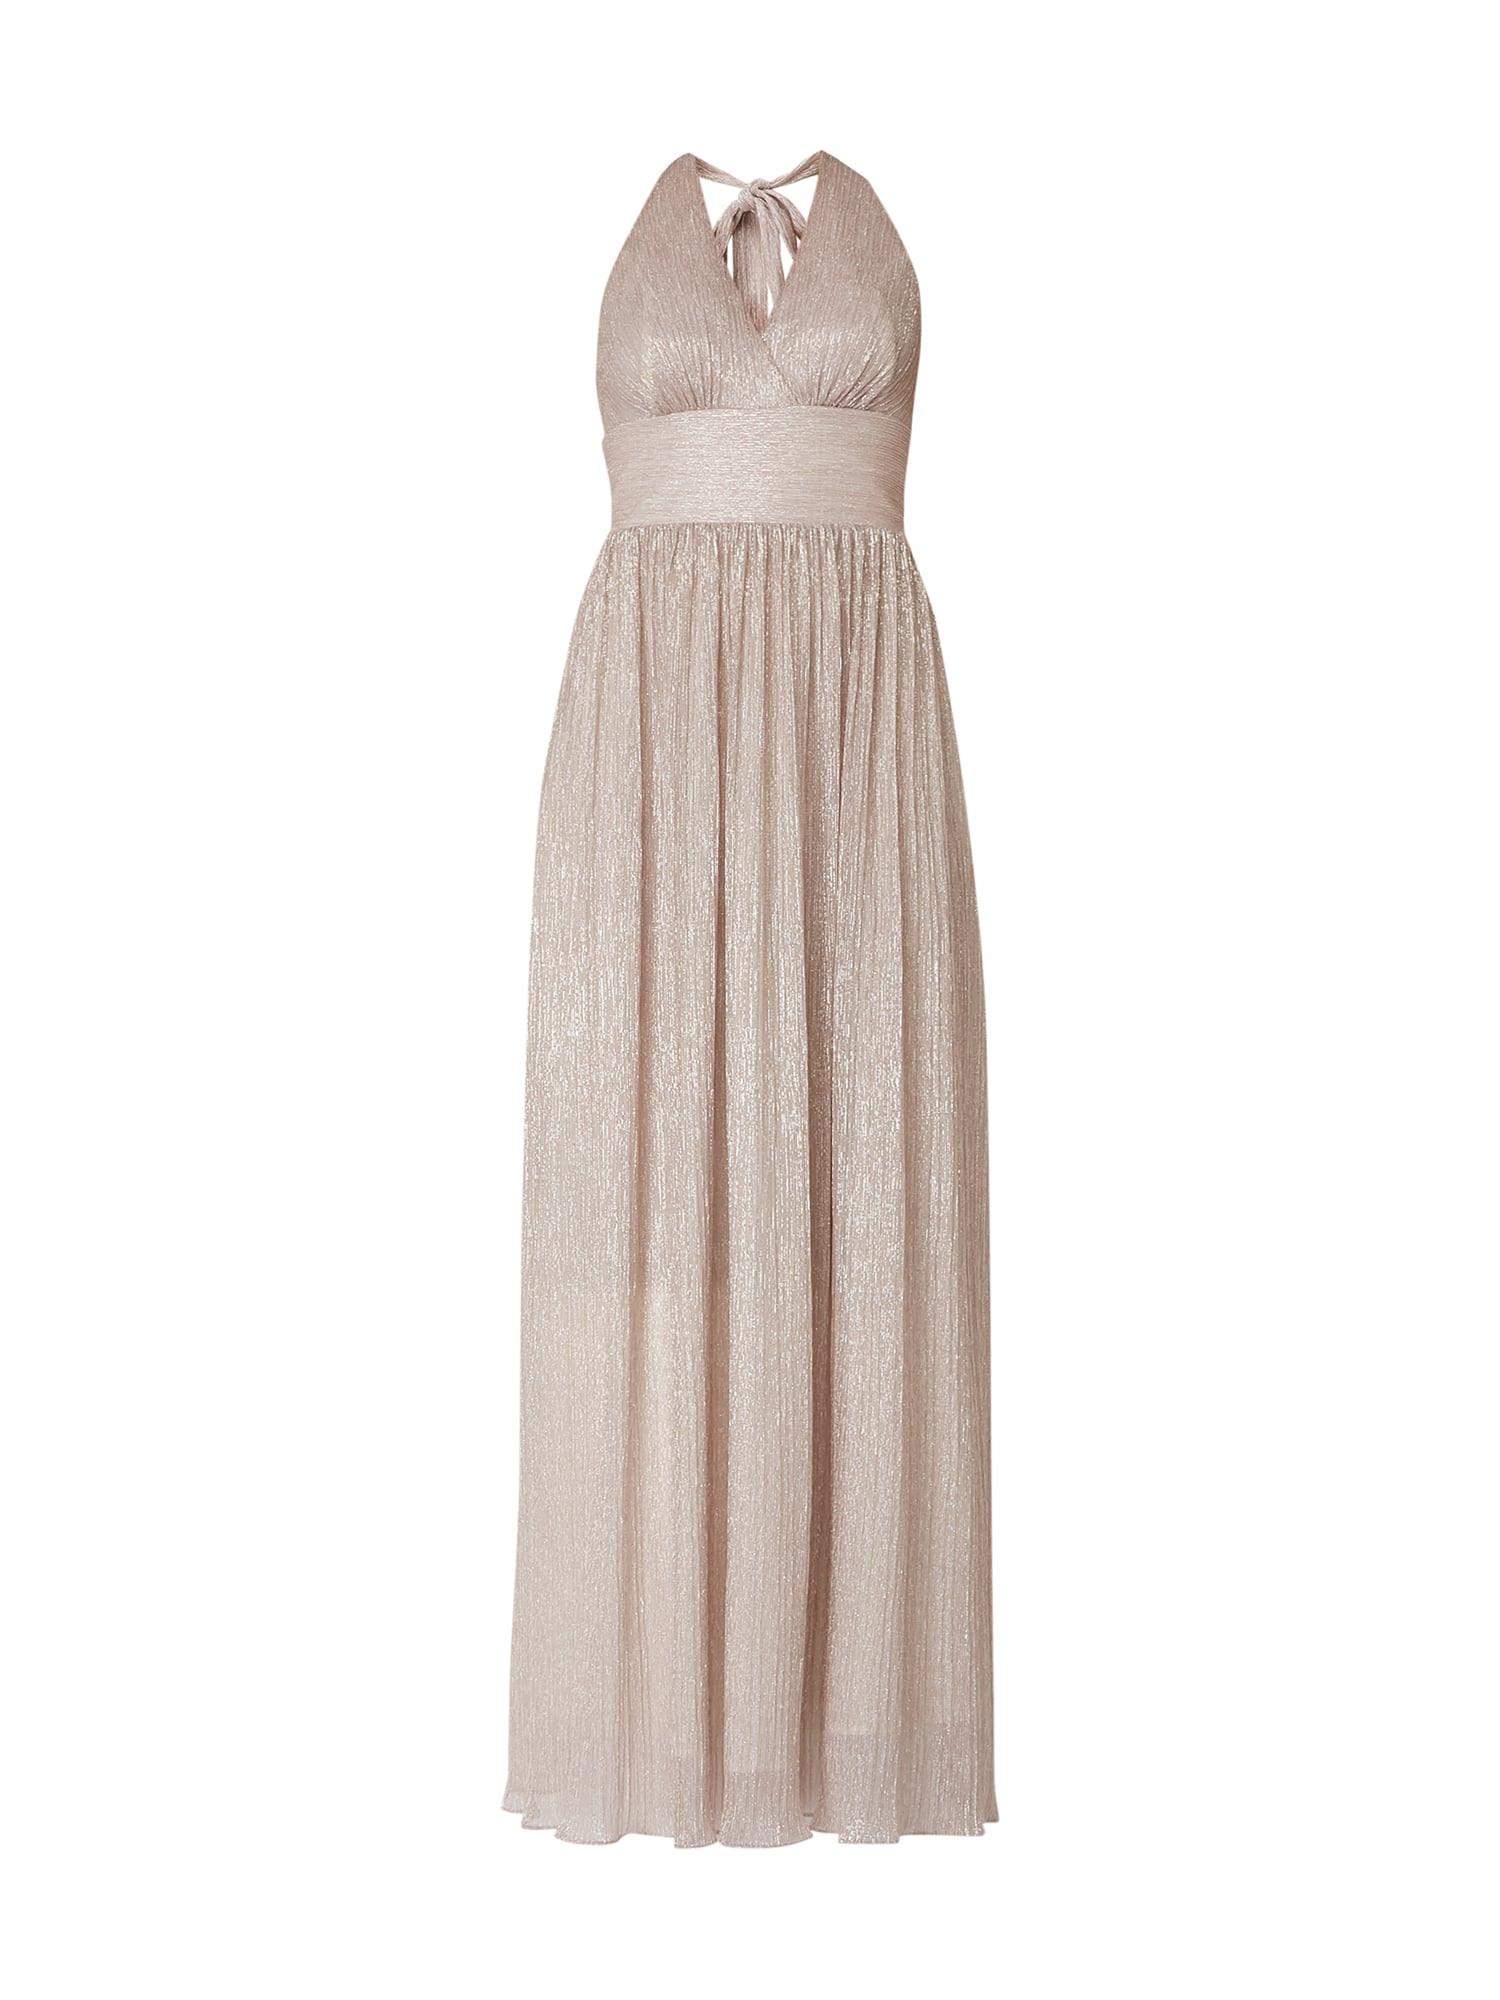 Formal Luxus Swing Abendkleid VertriebDesigner Wunderbar Swing Abendkleid Spezialgebiet